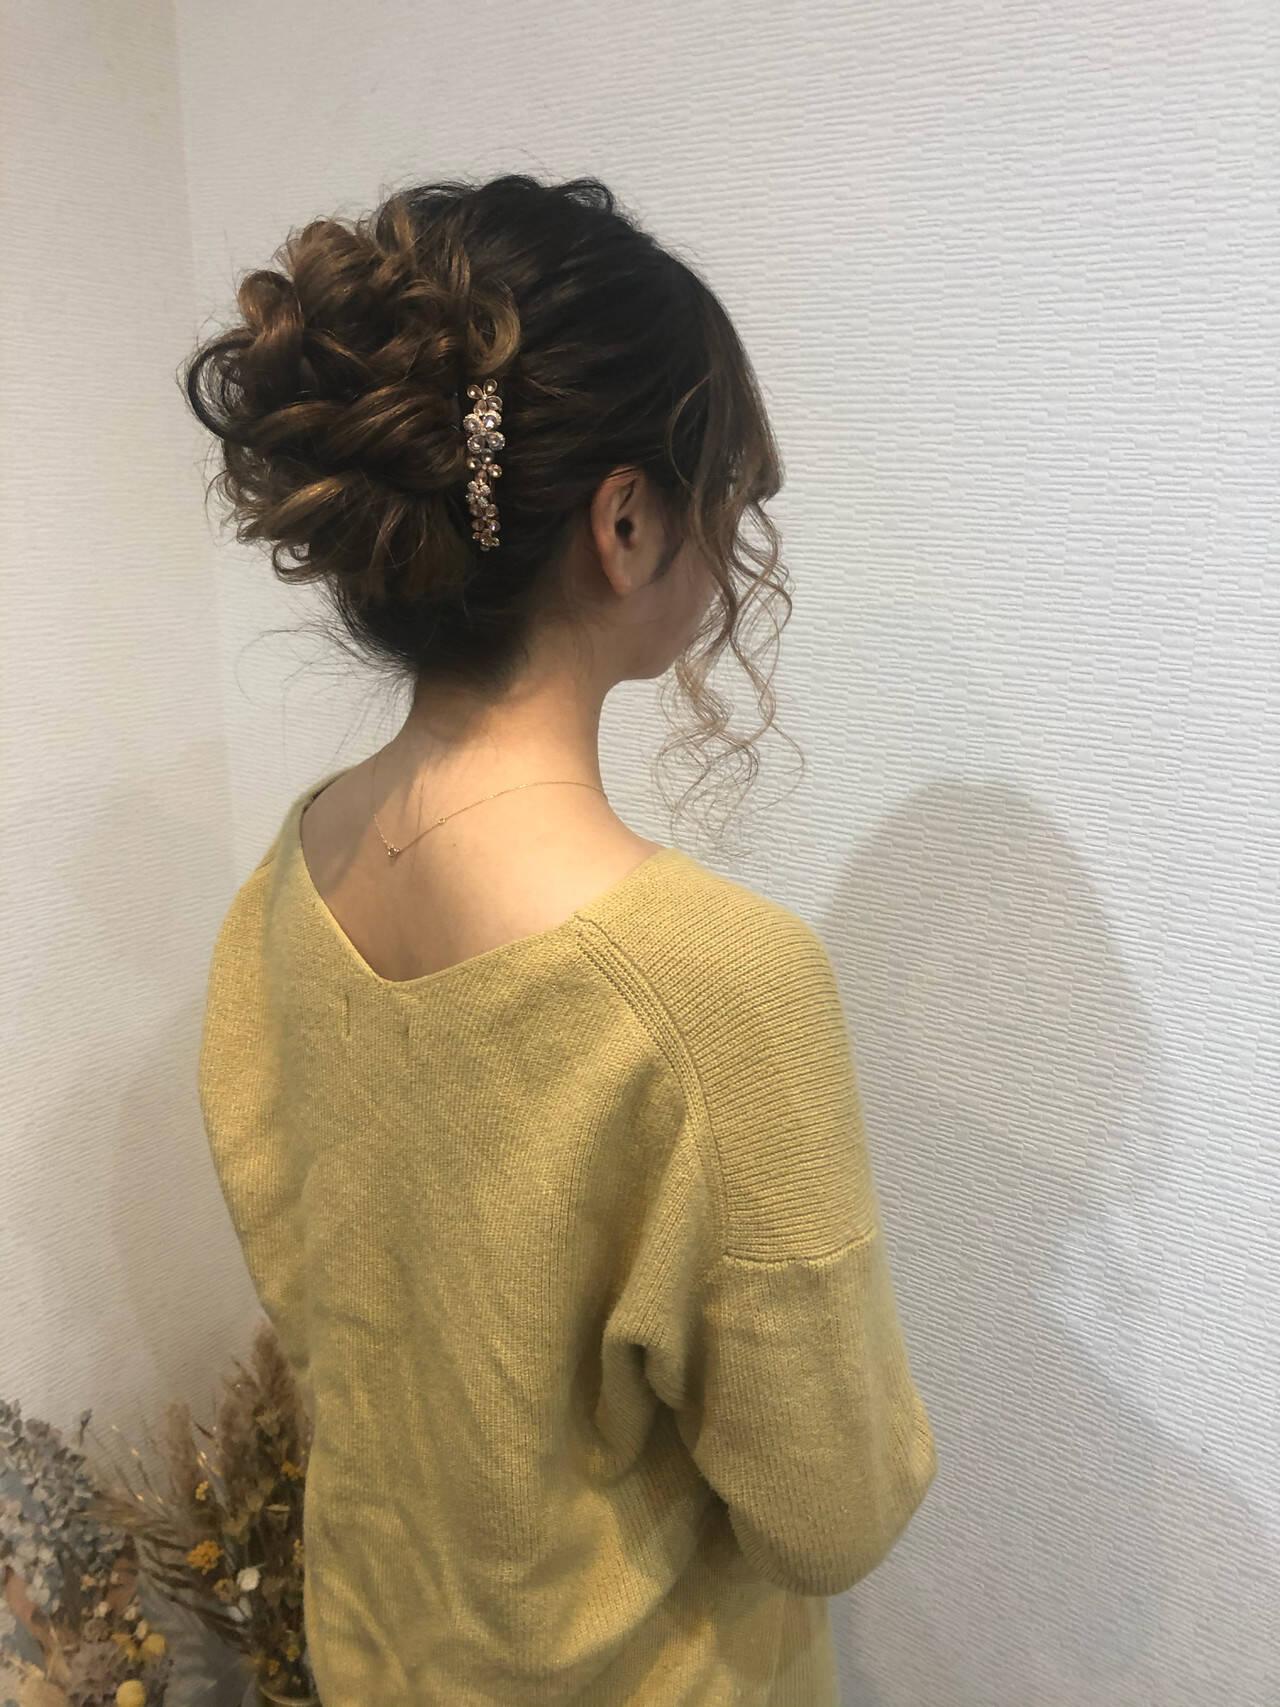 ロング アップスタイル ヘアアレンジ フェミニンヘアスタイルや髪型の写真・画像